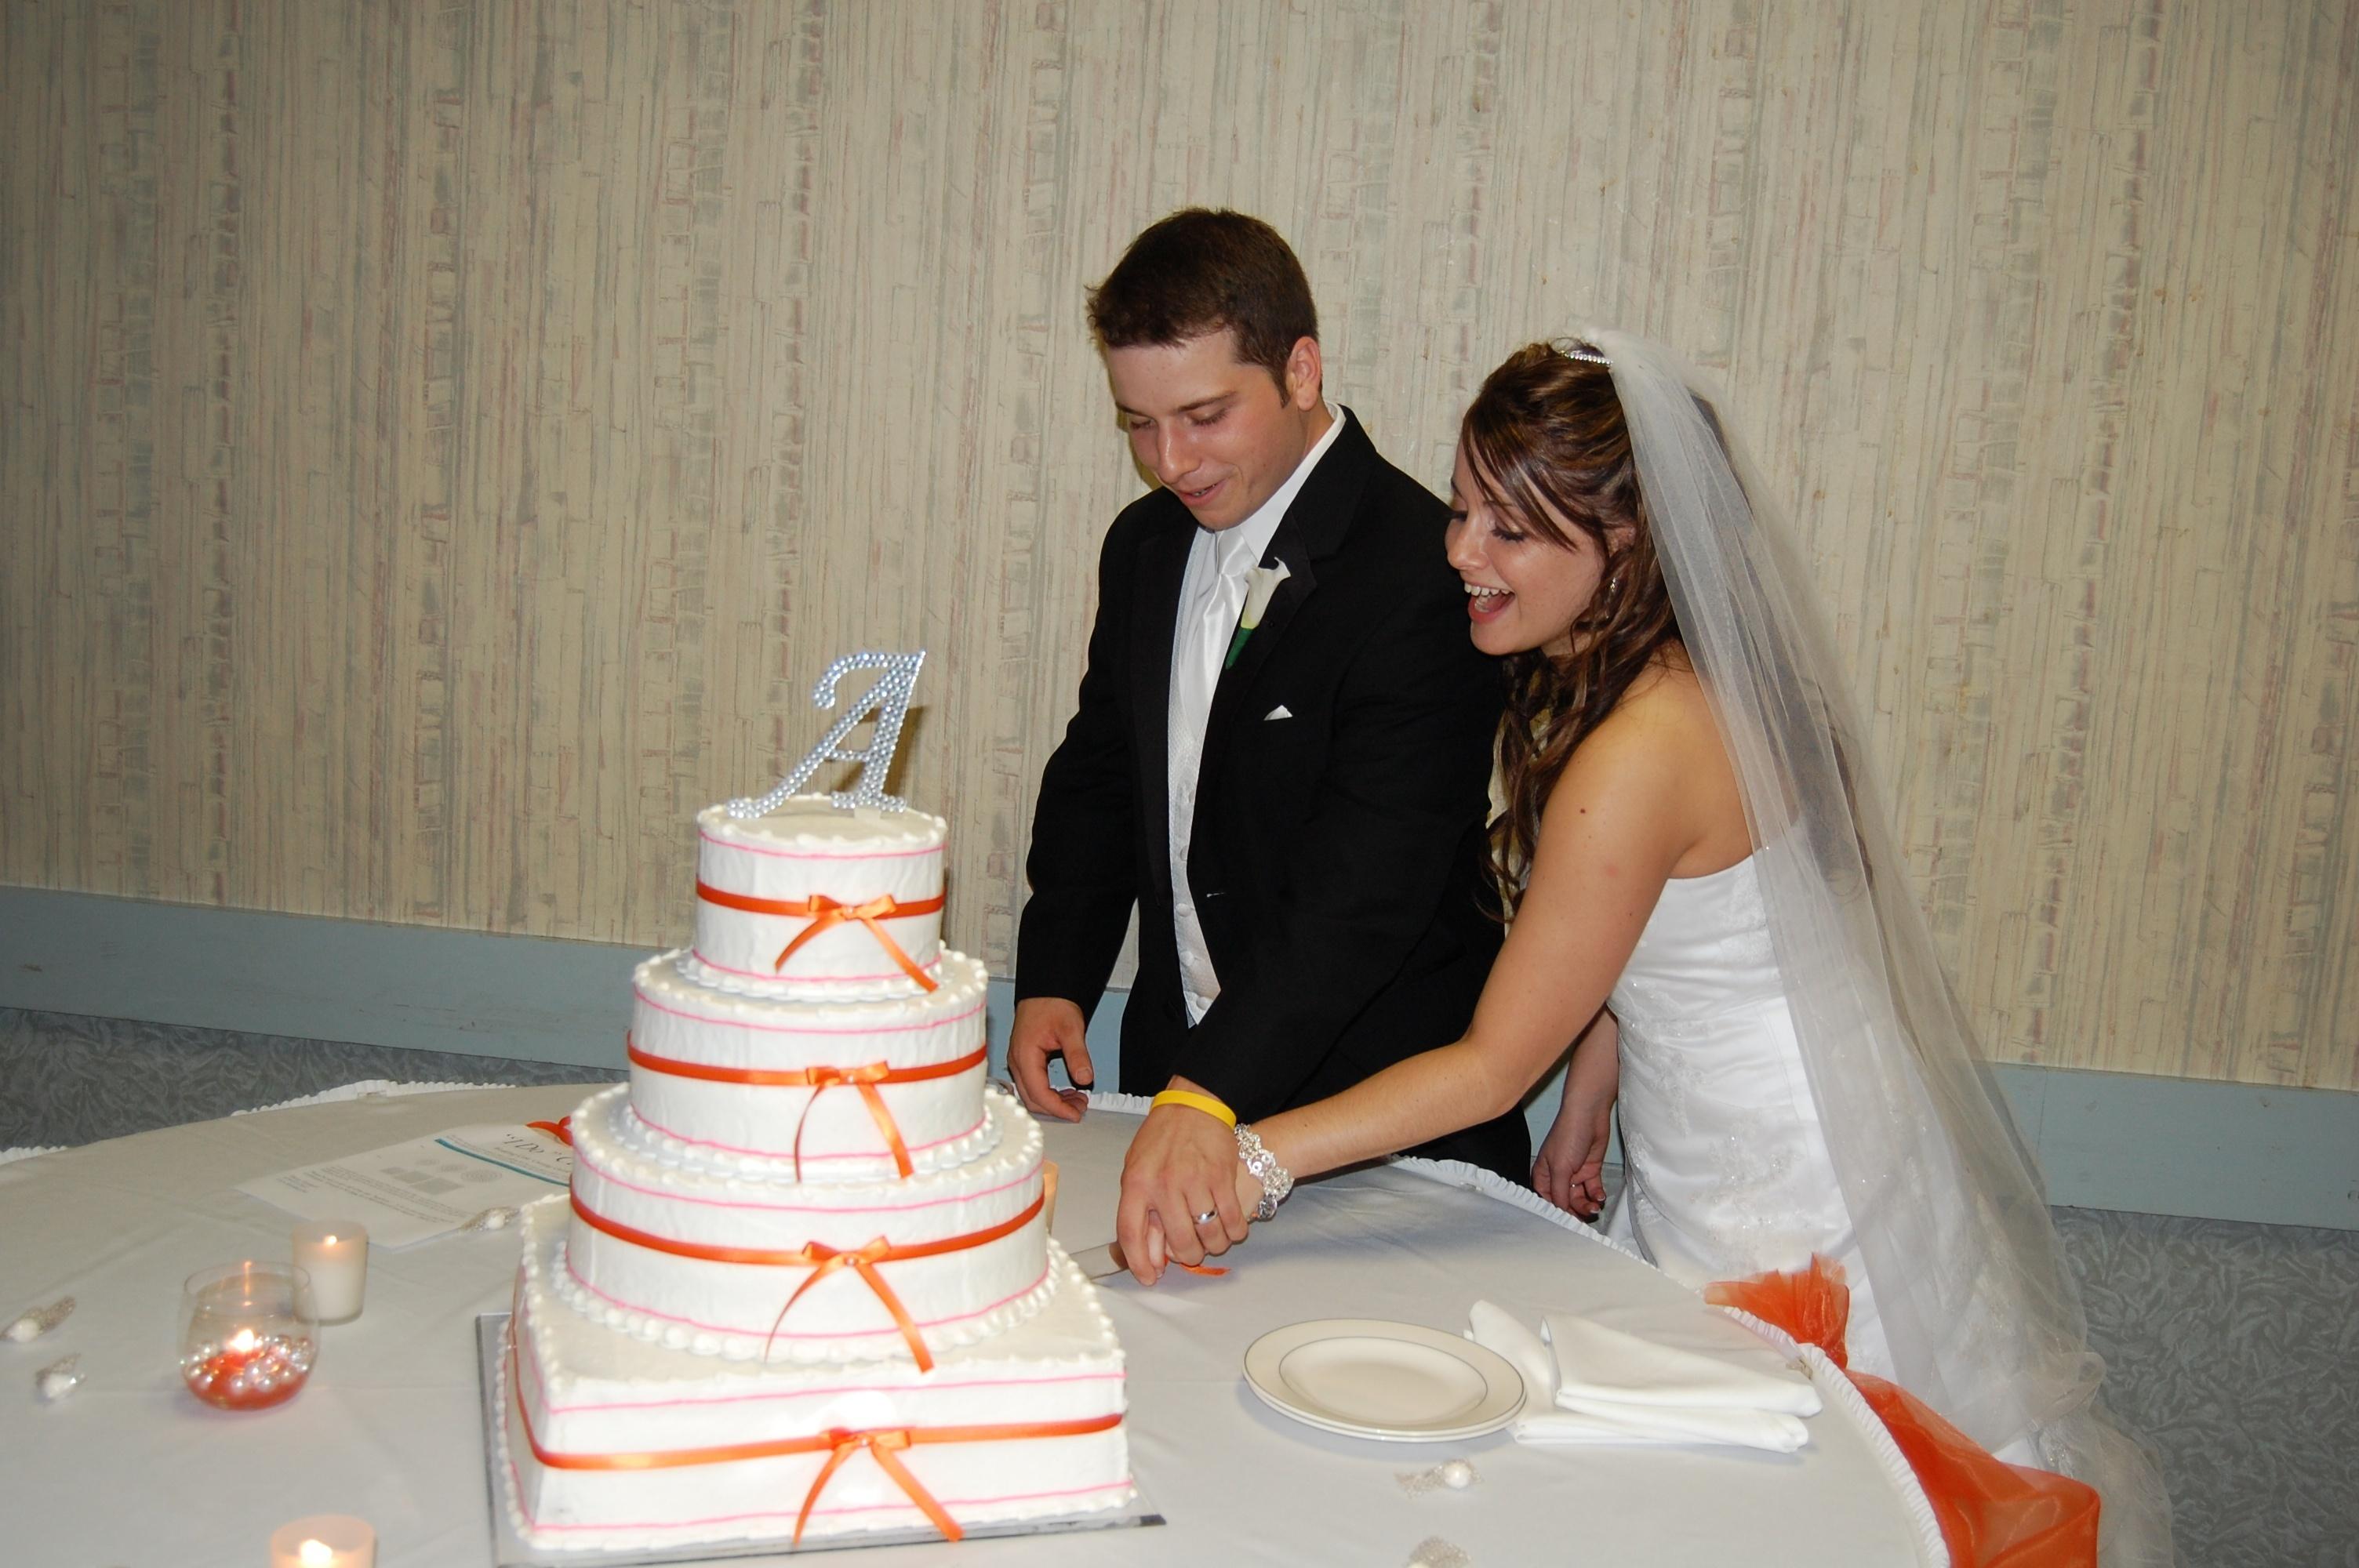 Cakes, orange, cake, Cake cutting